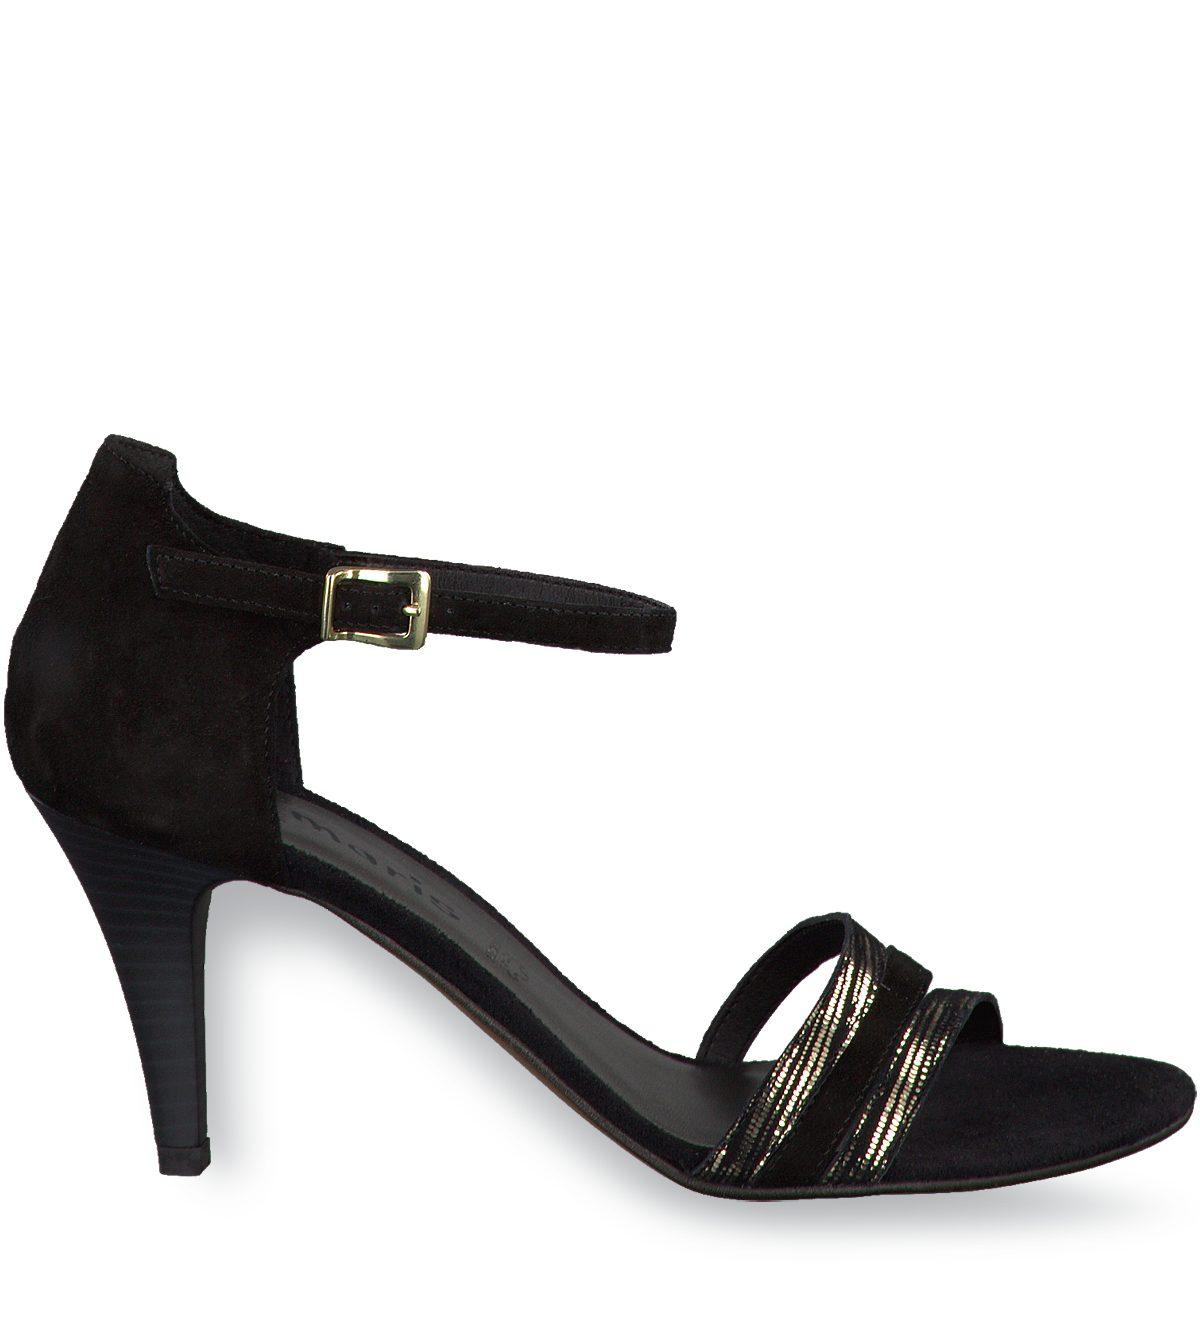 tamaris sandaletten grace schwarz metallic g nstig schnell einkaufen. Black Bedroom Furniture Sets. Home Design Ideas